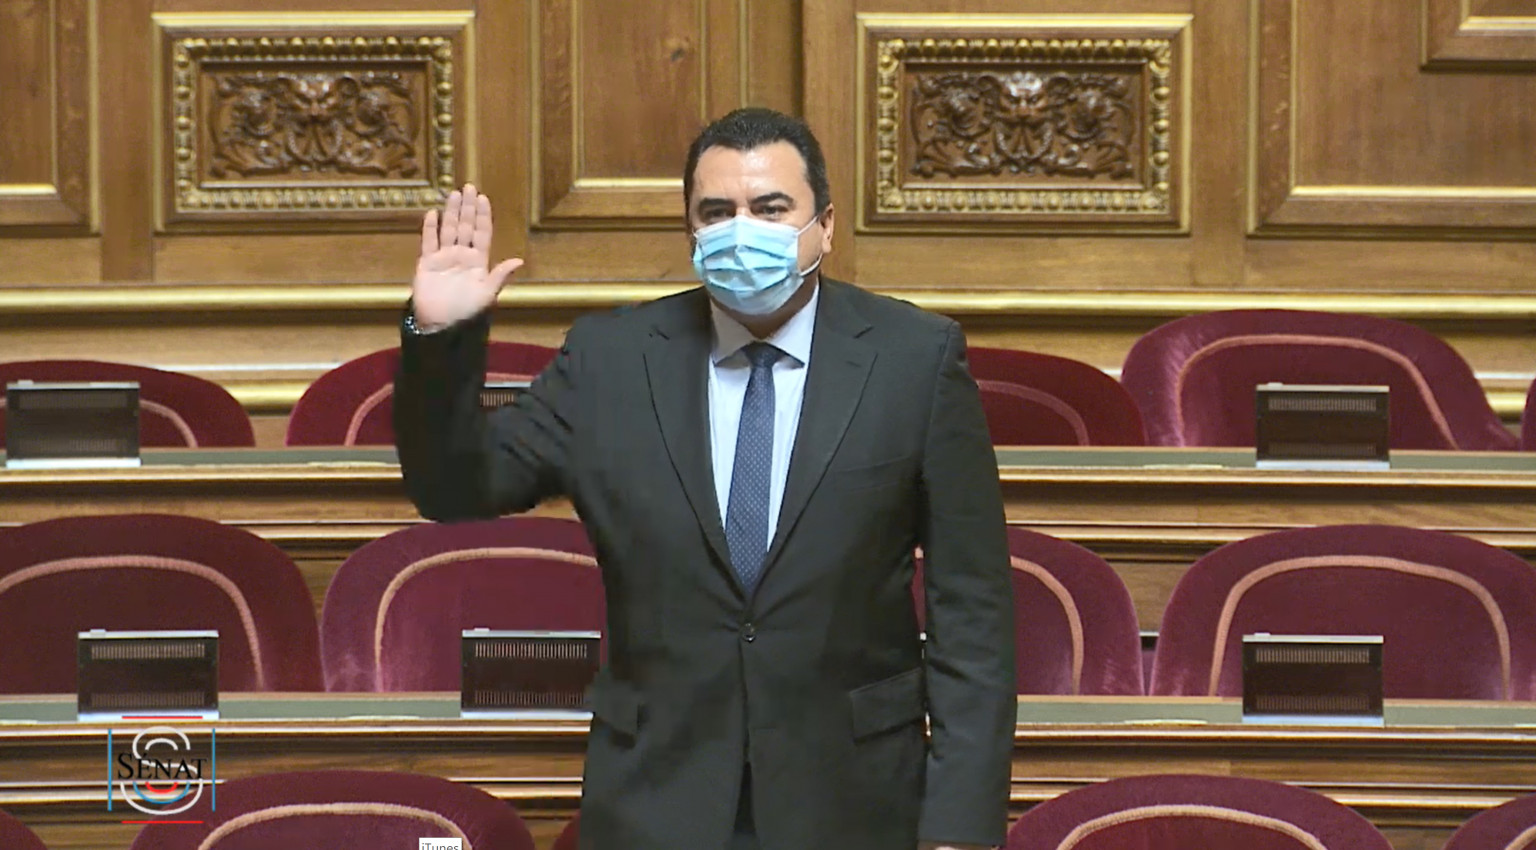 Teva Rohfritsch a prêté serment après avoir été élu à la Cour de Justice de la République. IL est le premier parlementaire ultramarin a y siéger ©Sénat